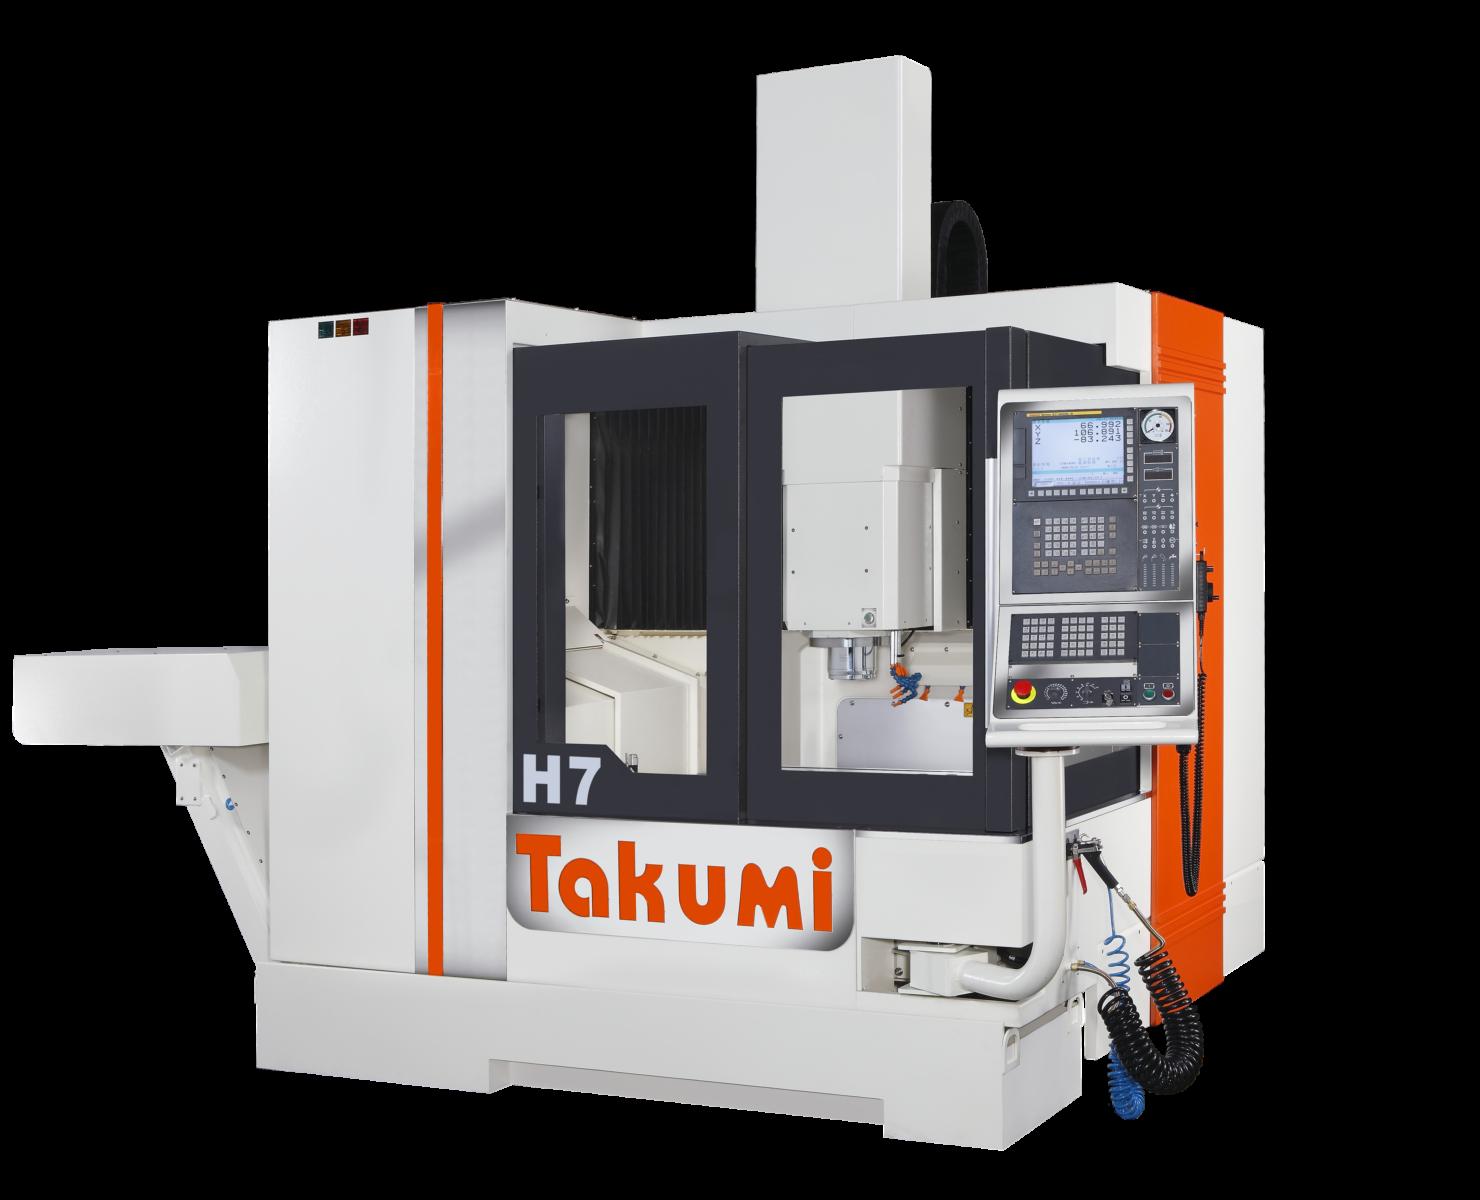 Takumi H7: 3-osé obráběcí centrum se systémem Heidenhain Control for Die & Mold.